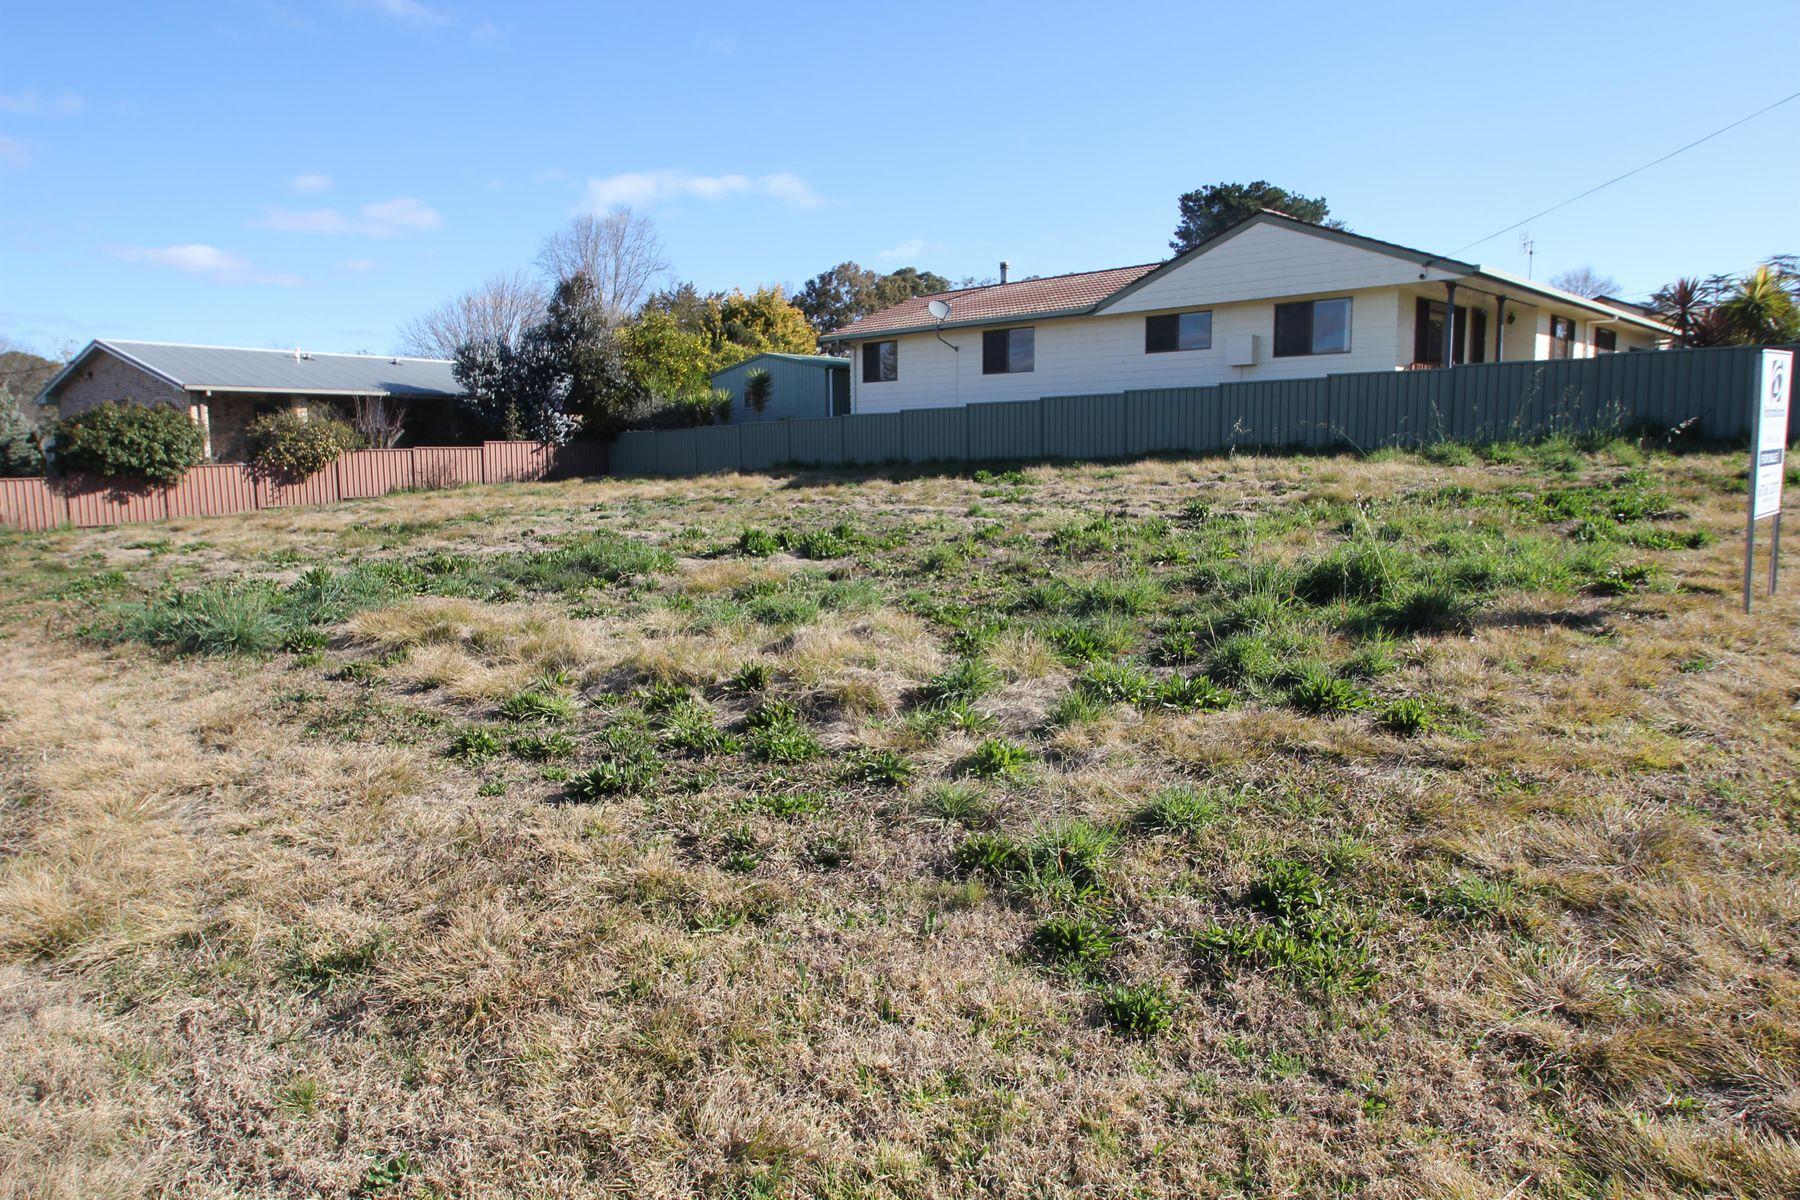 109 Cowper Street, Tenterfield, NSW 2372